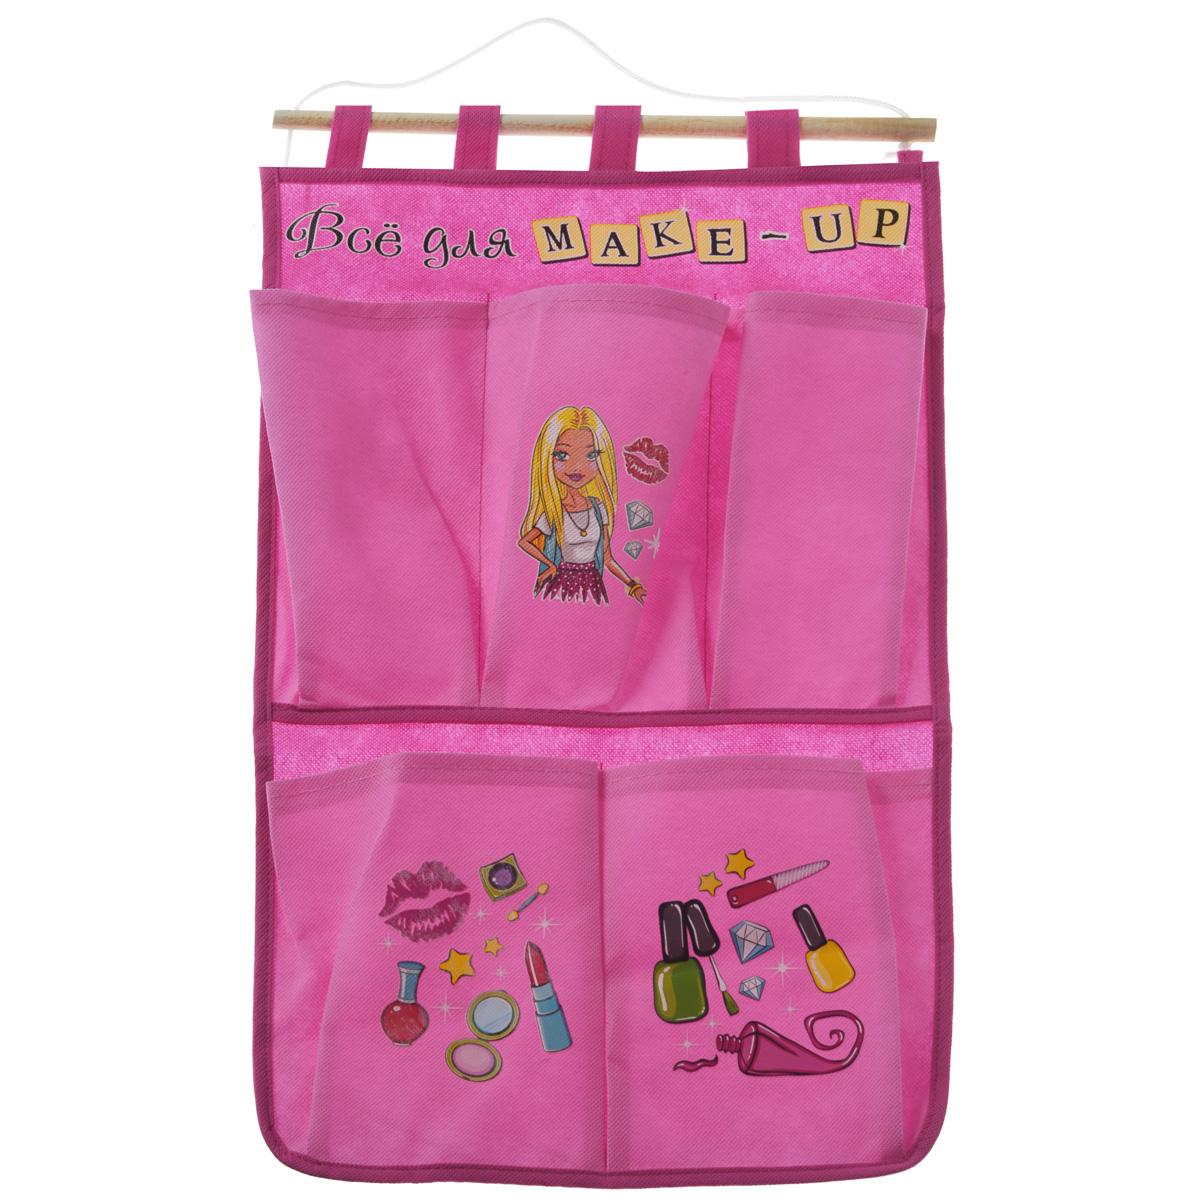 Кармашки на стену Sima-land Все для make-up, цвет: розовый, 5 шт906885Кармашки на стену Sima-land Все для make-up, изготовленные из текстиля, предназначены для хранения необходимых вещей, множества мелочей в гардеробной, ванной, детской комнатах. Изделие представляет собой текстильное полотно с 5 пришитыми кармашками. Благодаря деревянной планке и шнурку, кармашки можно подвесить на стену или дверь в необходимом для вас месте. Кармашки декорированы изображением девушки и различной косметики. Этот нужный предмет может стать одновременно и декоративным элементом комнаты. Яркий дизайн, как ничто иное, способен оживить интерьер вашего дома.